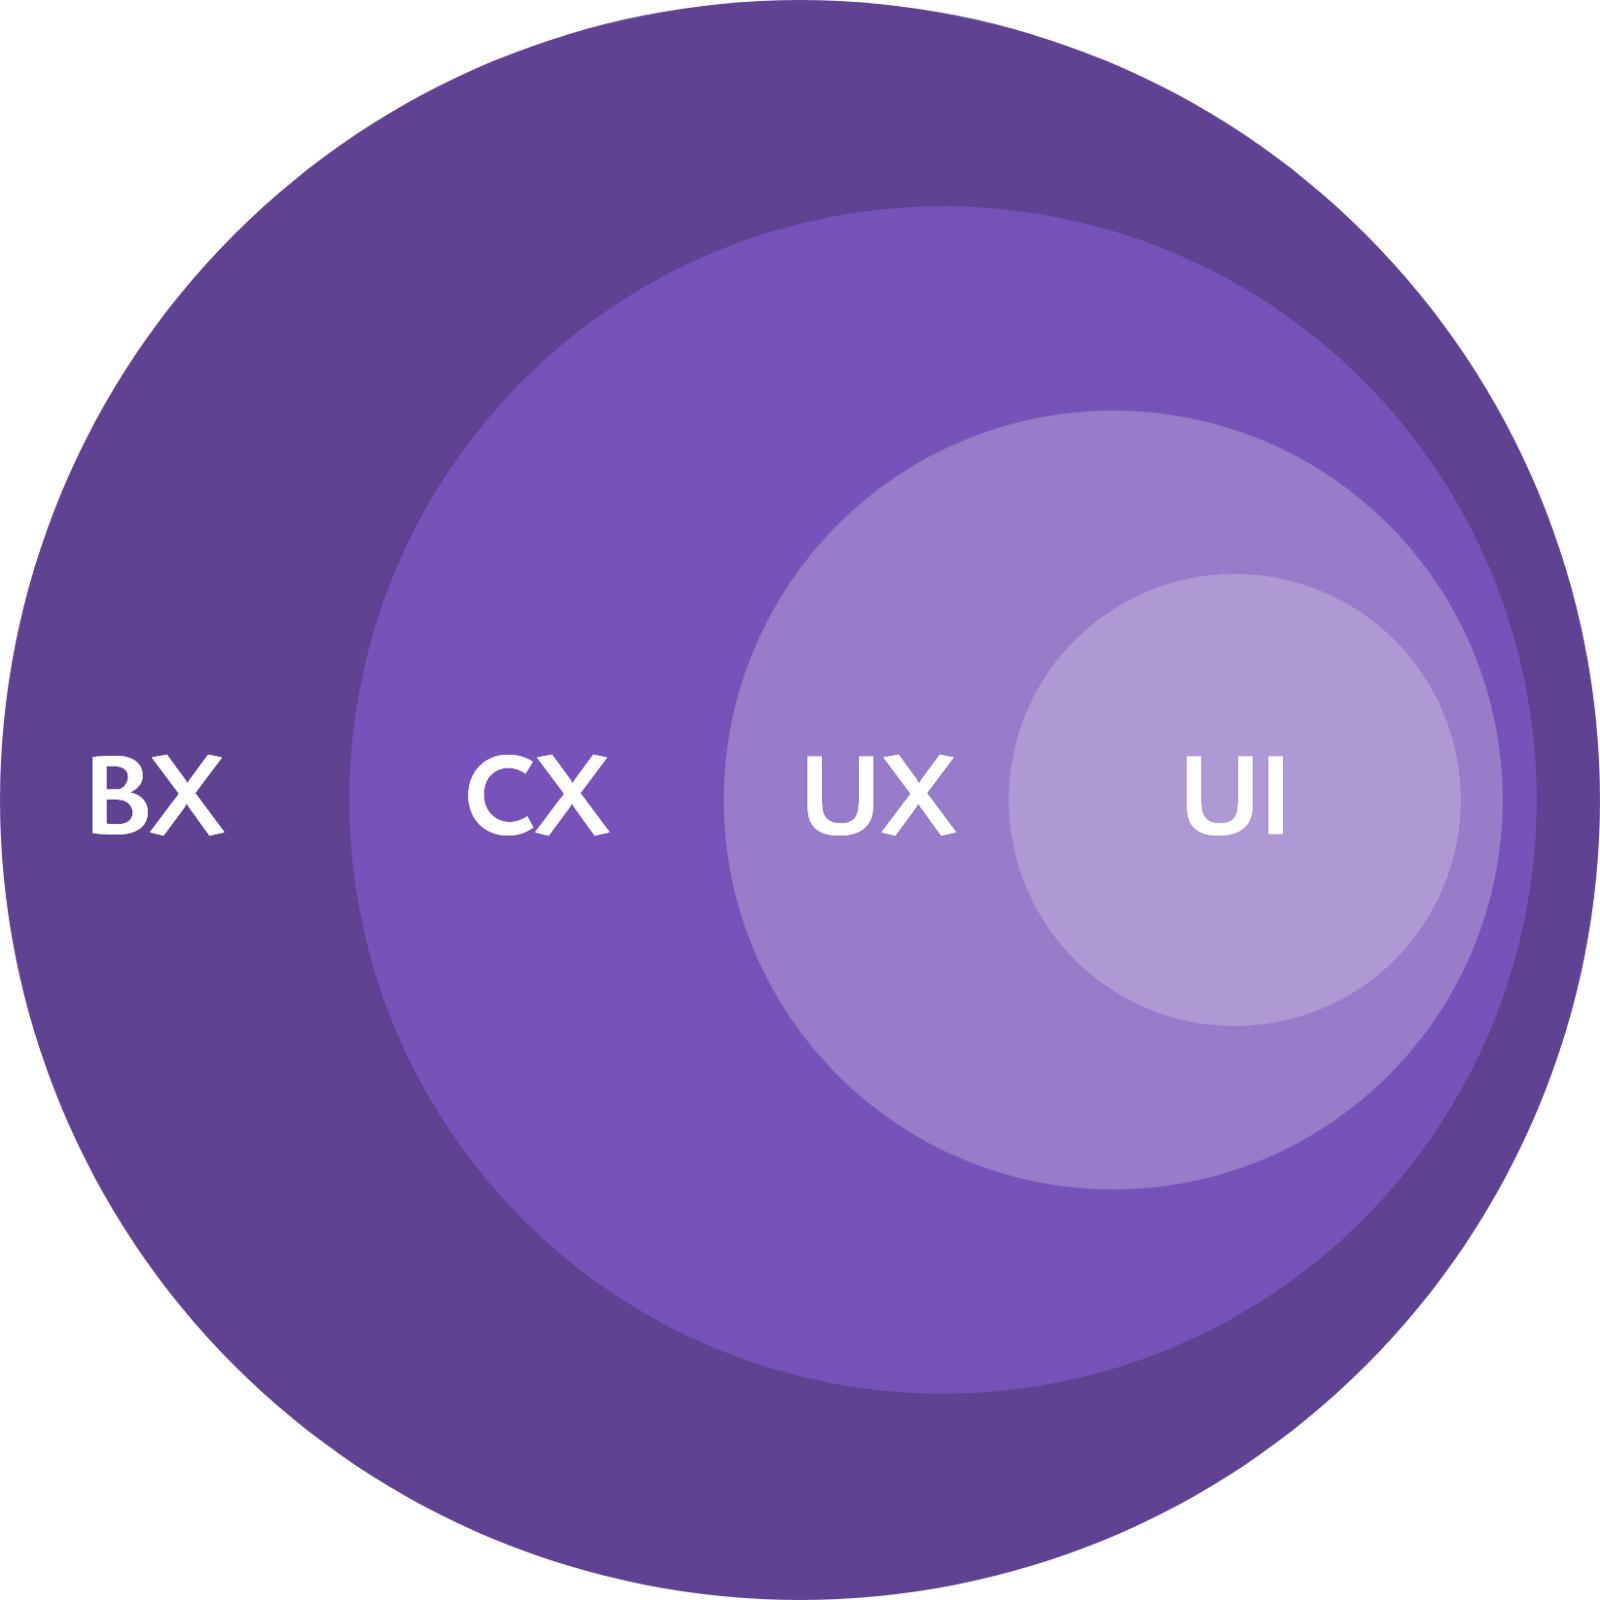 UI, UX, CX, BX diagram